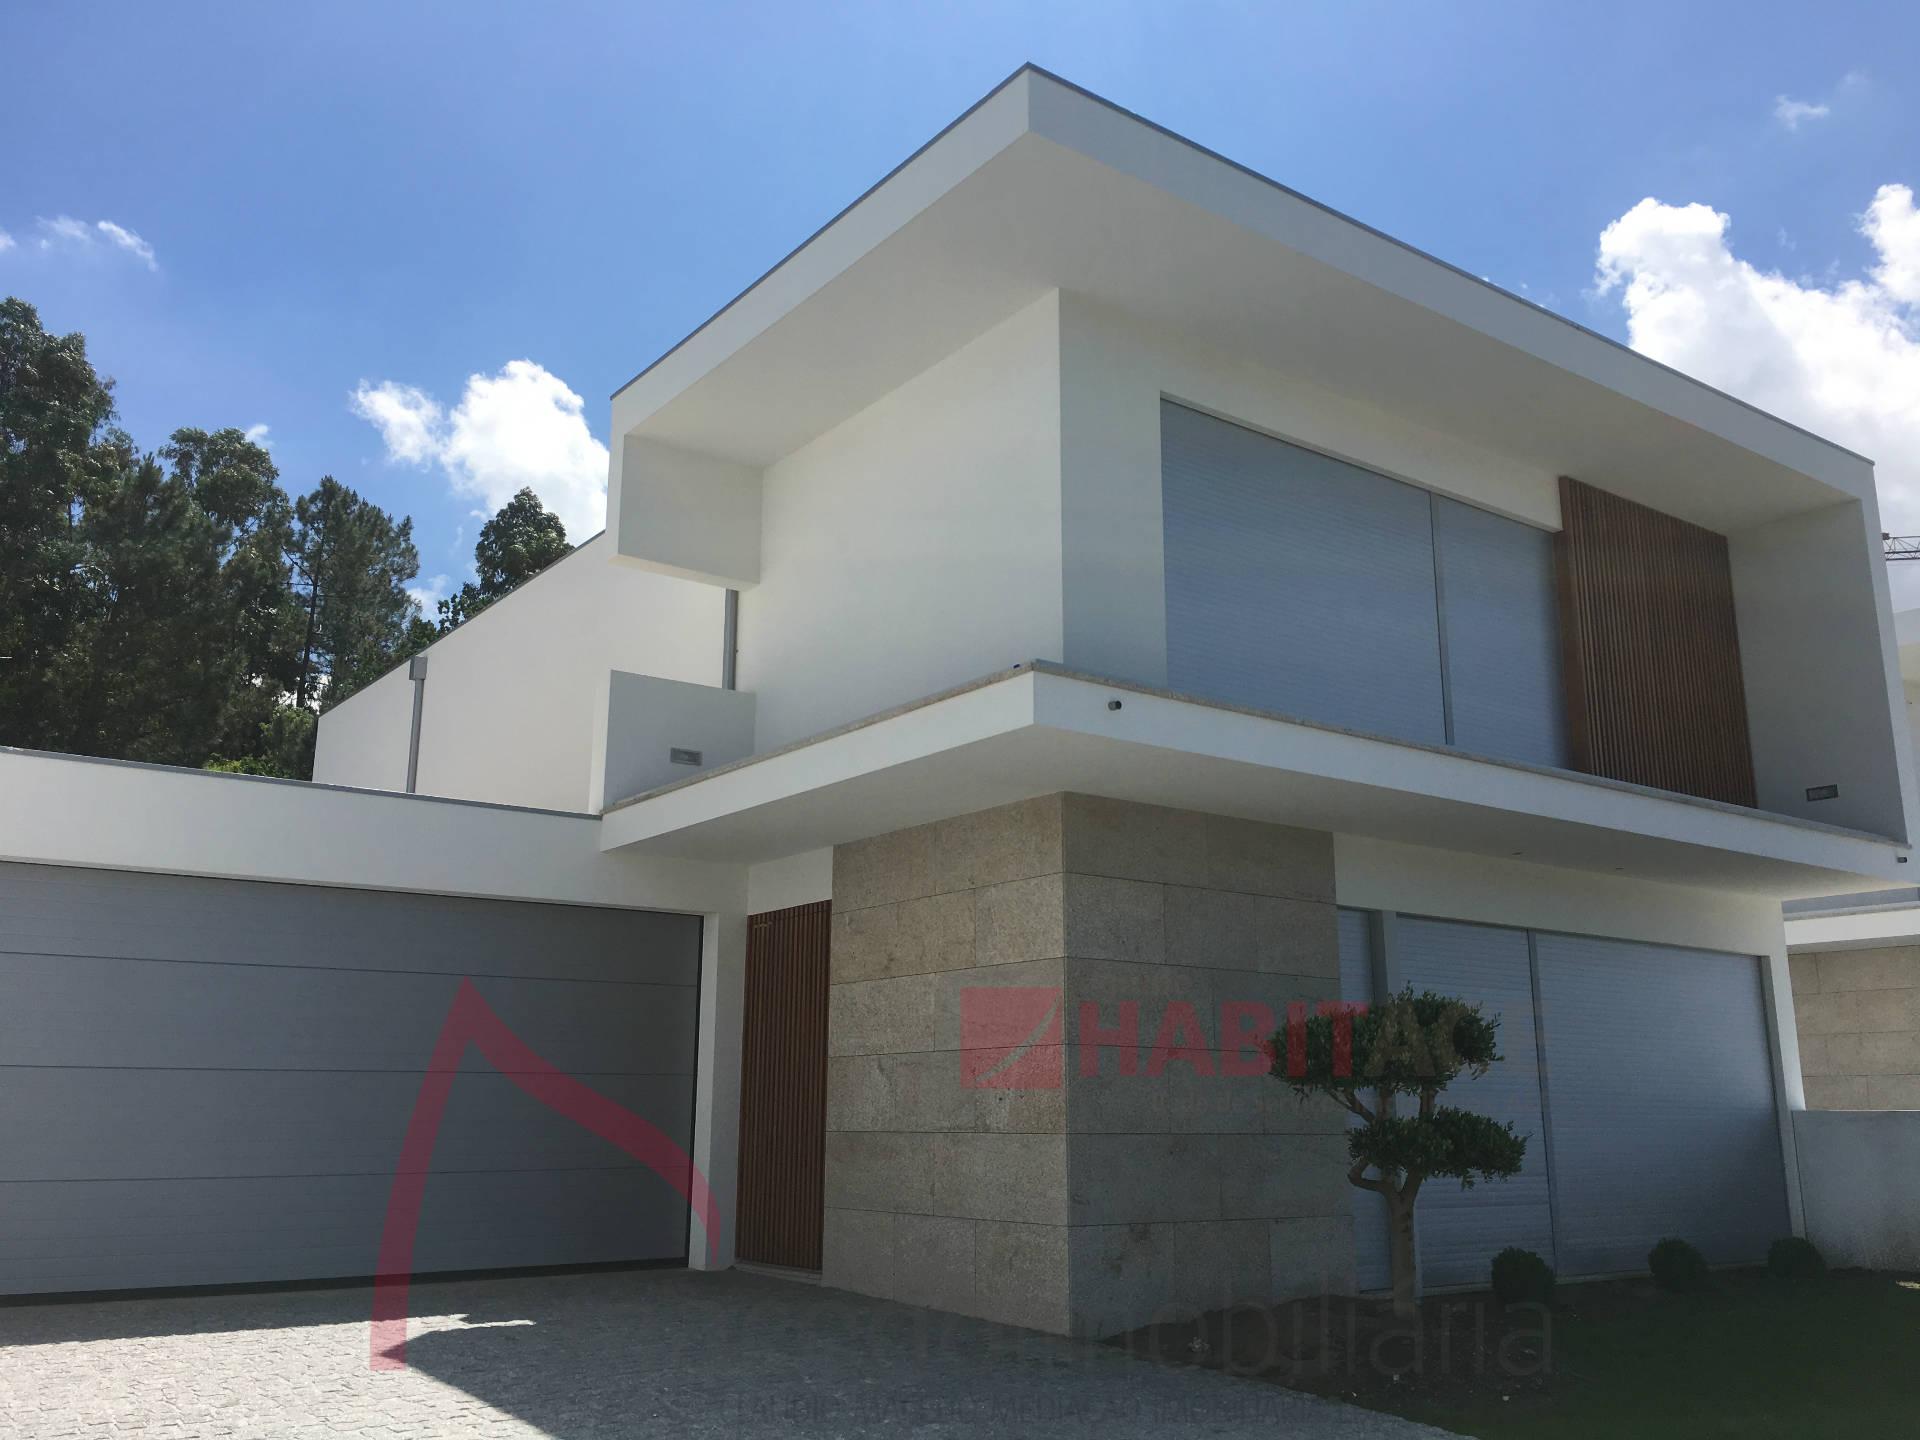 Moradia em Braga para venda, Oliveira (S.Pedro), 500m2 de terreno.